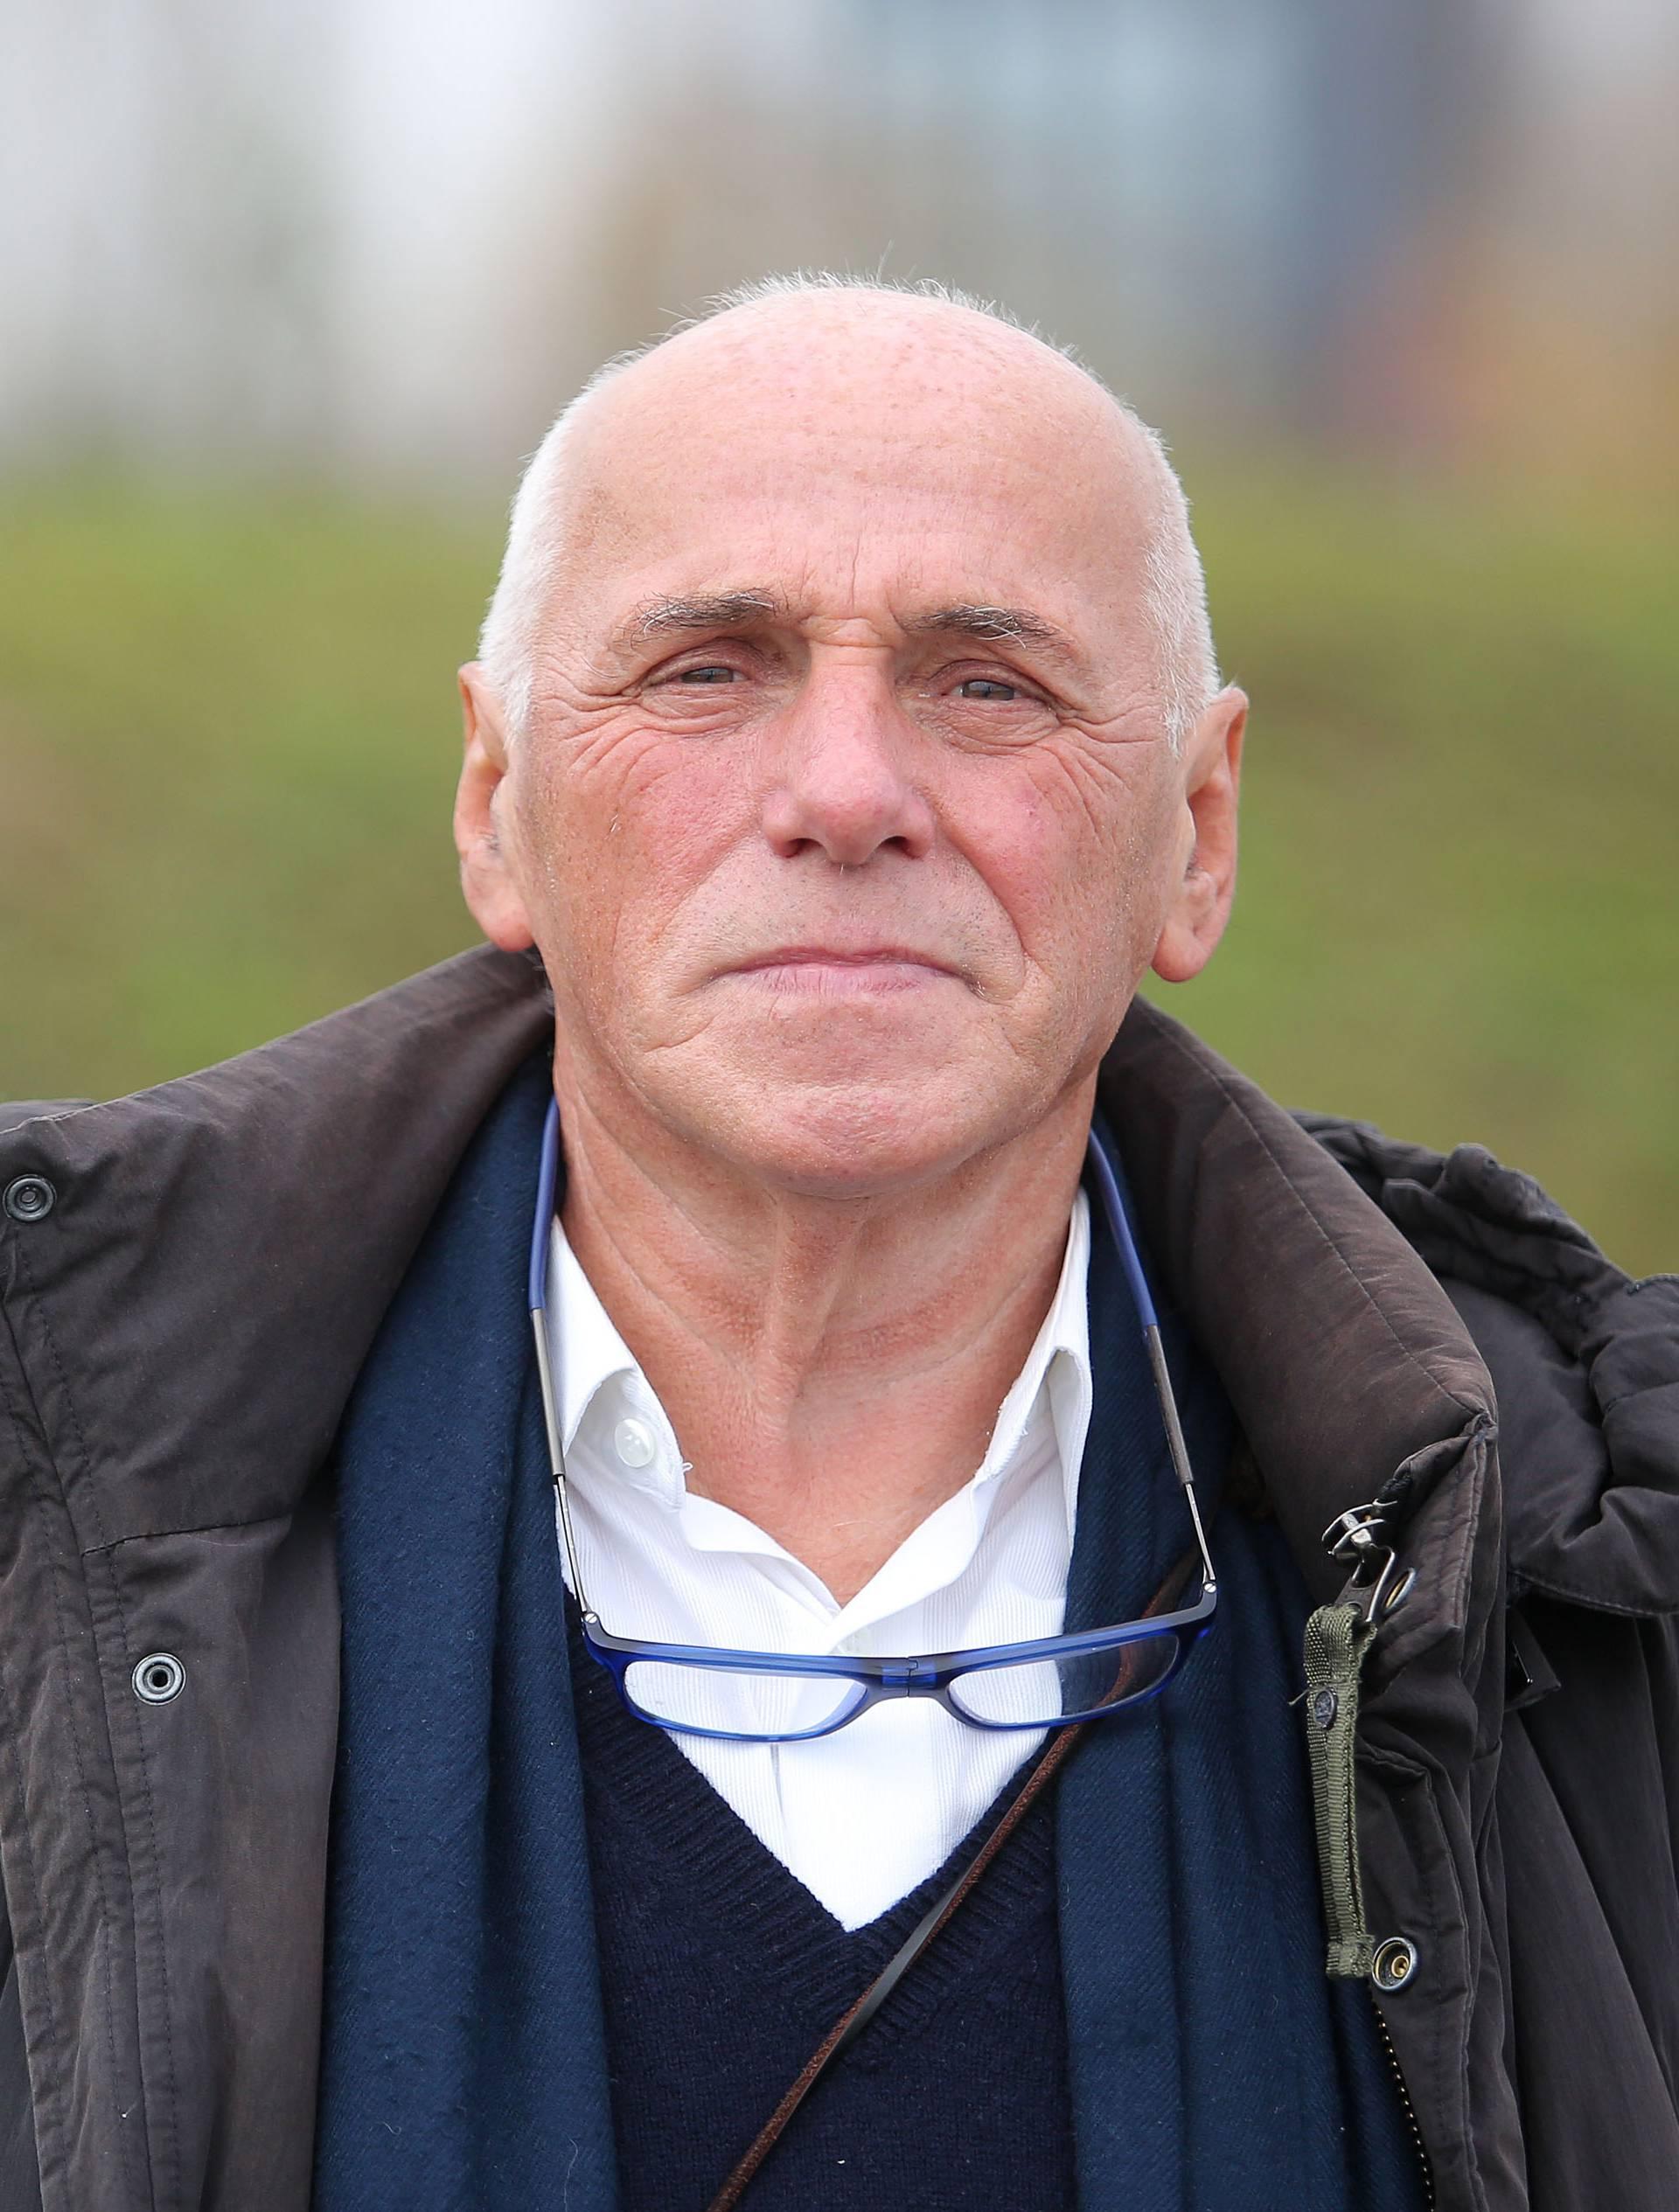 Saborsko je, kao Vukovar i Škabrnja, zaslužilo Dan sjećanja